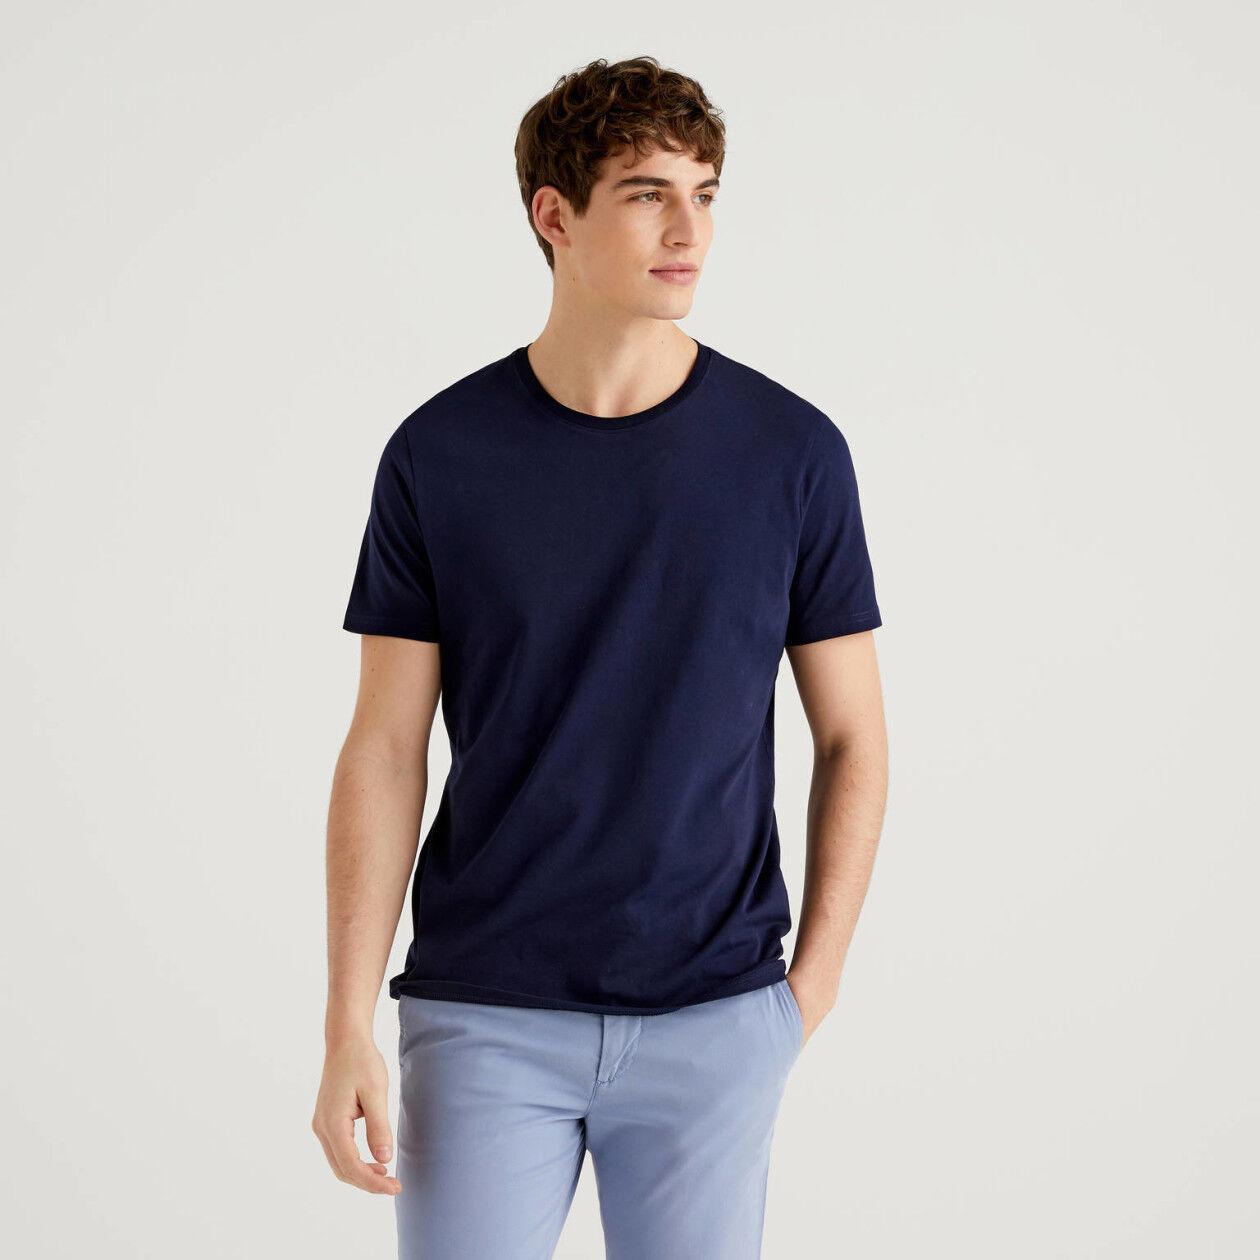 T-shirt azul-escuro em algodão puro